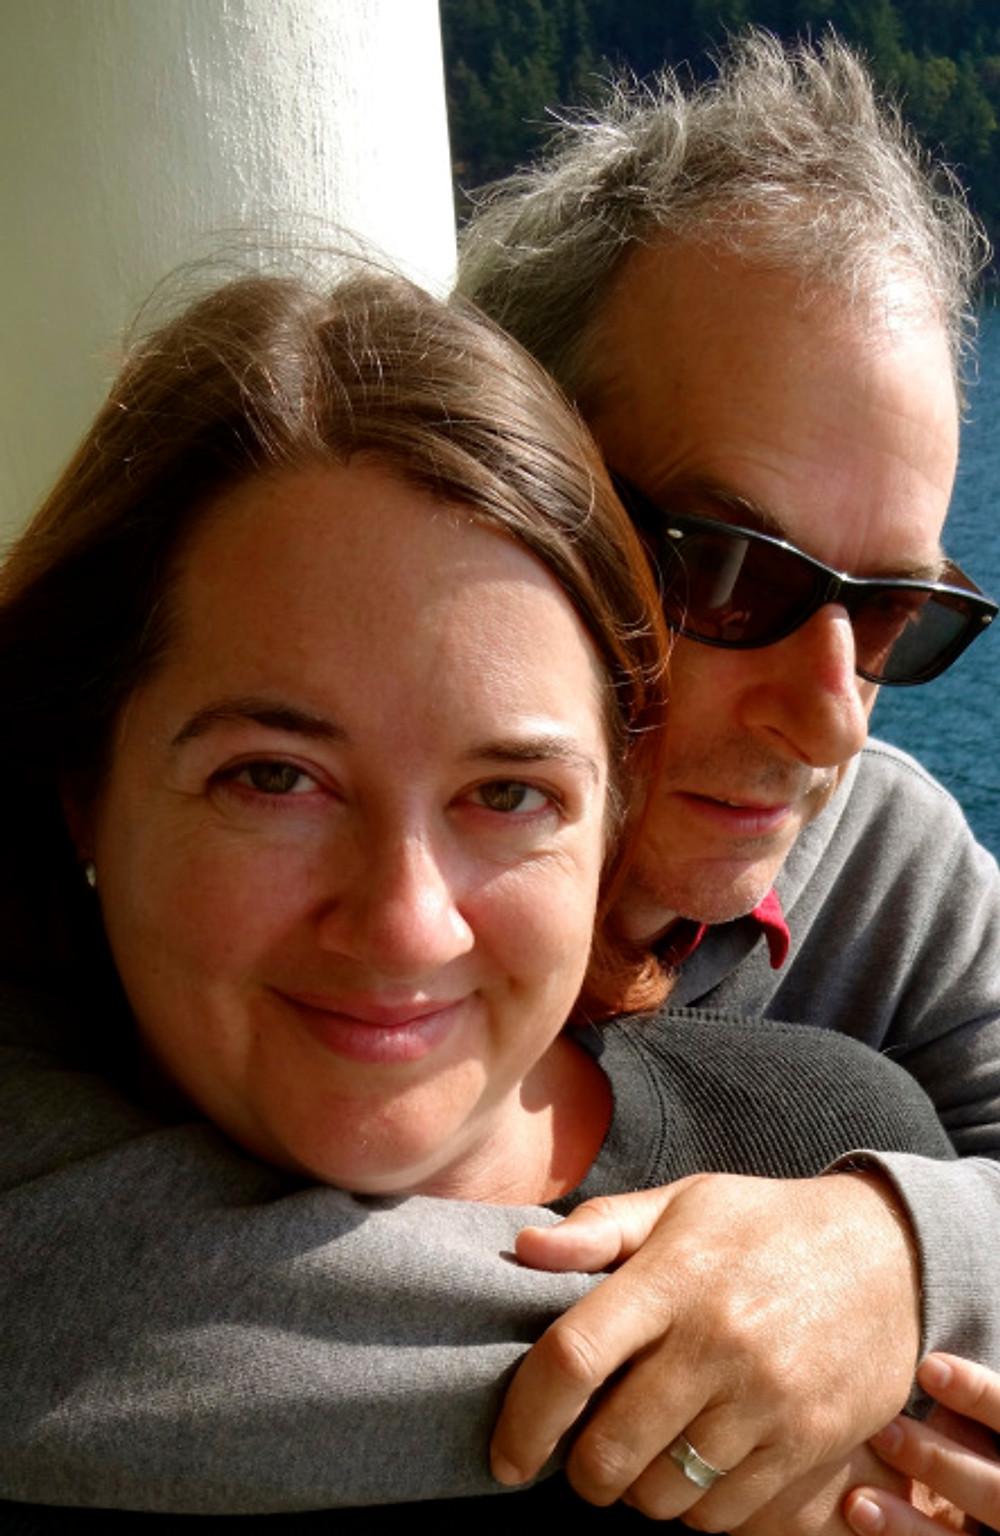 Happy honeymooners :)